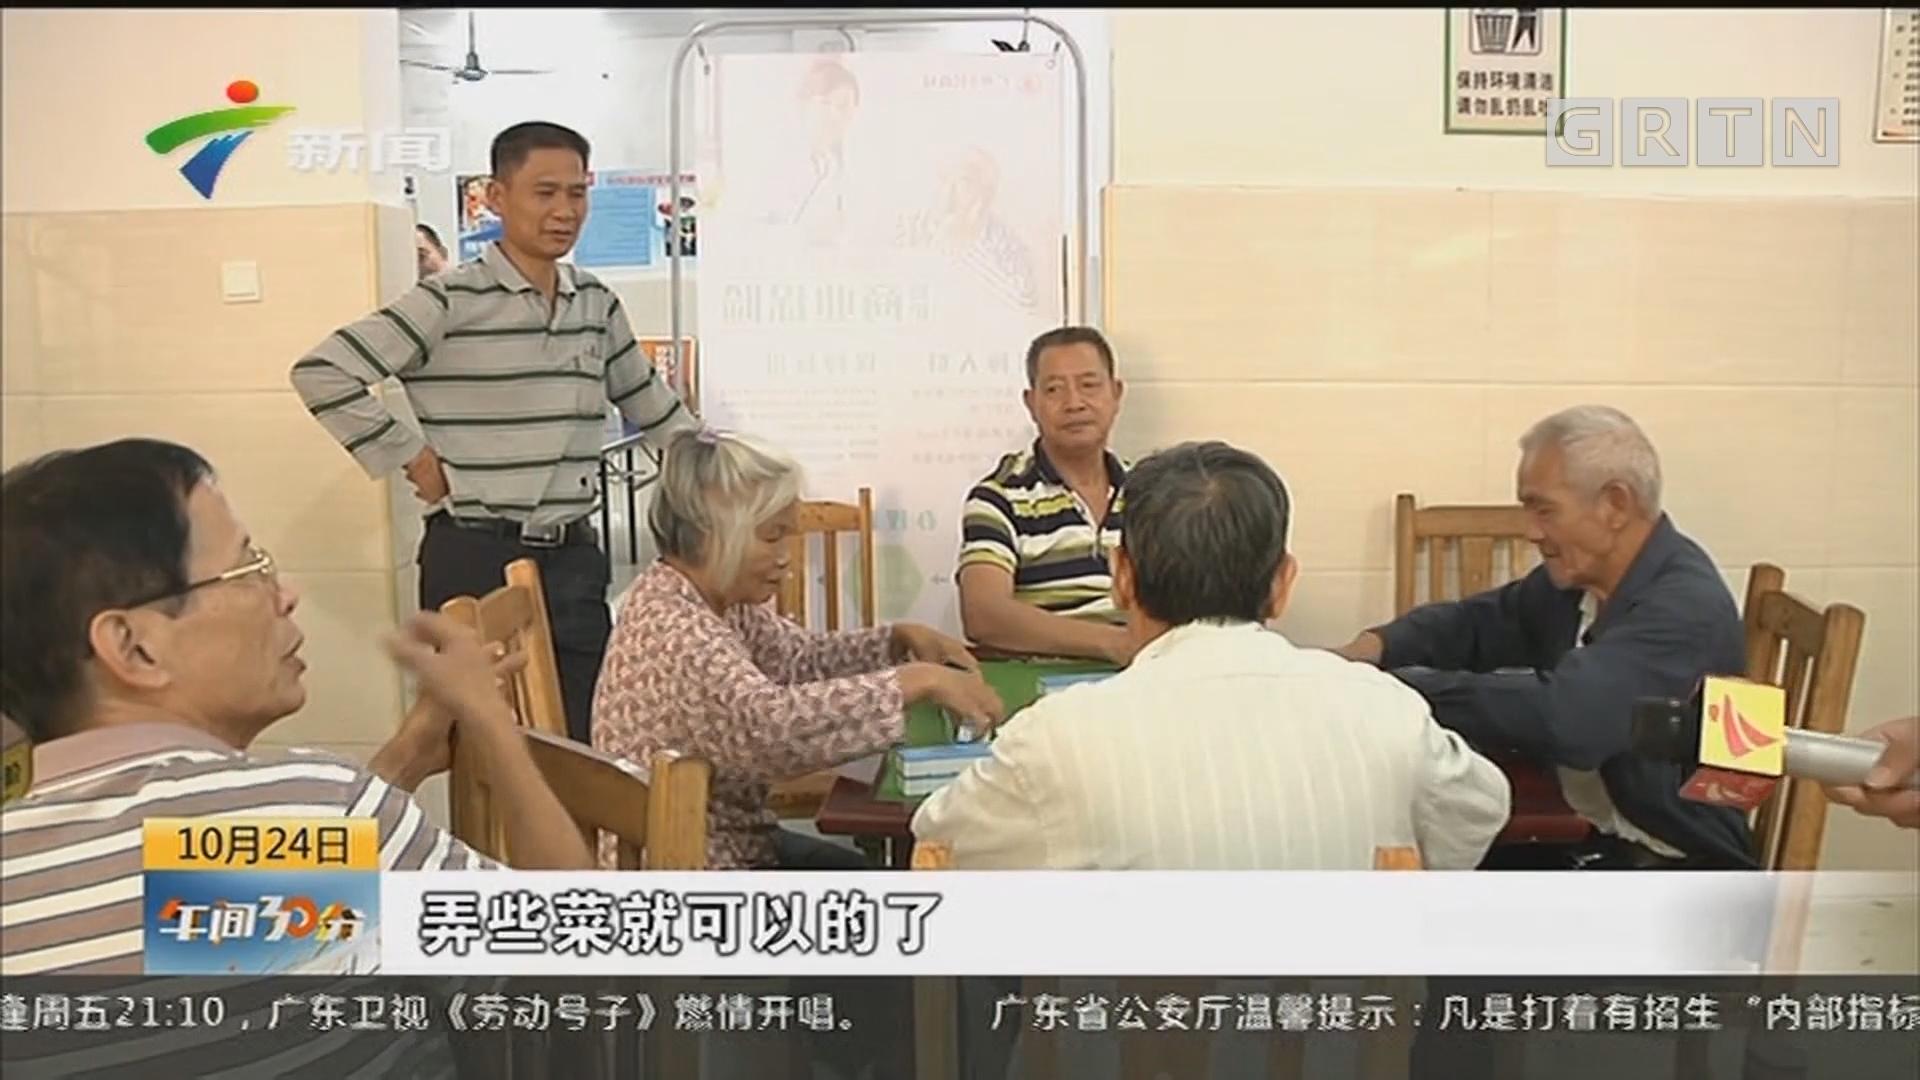 广州 调查:郊区长者饭堂 空有堂没有饭